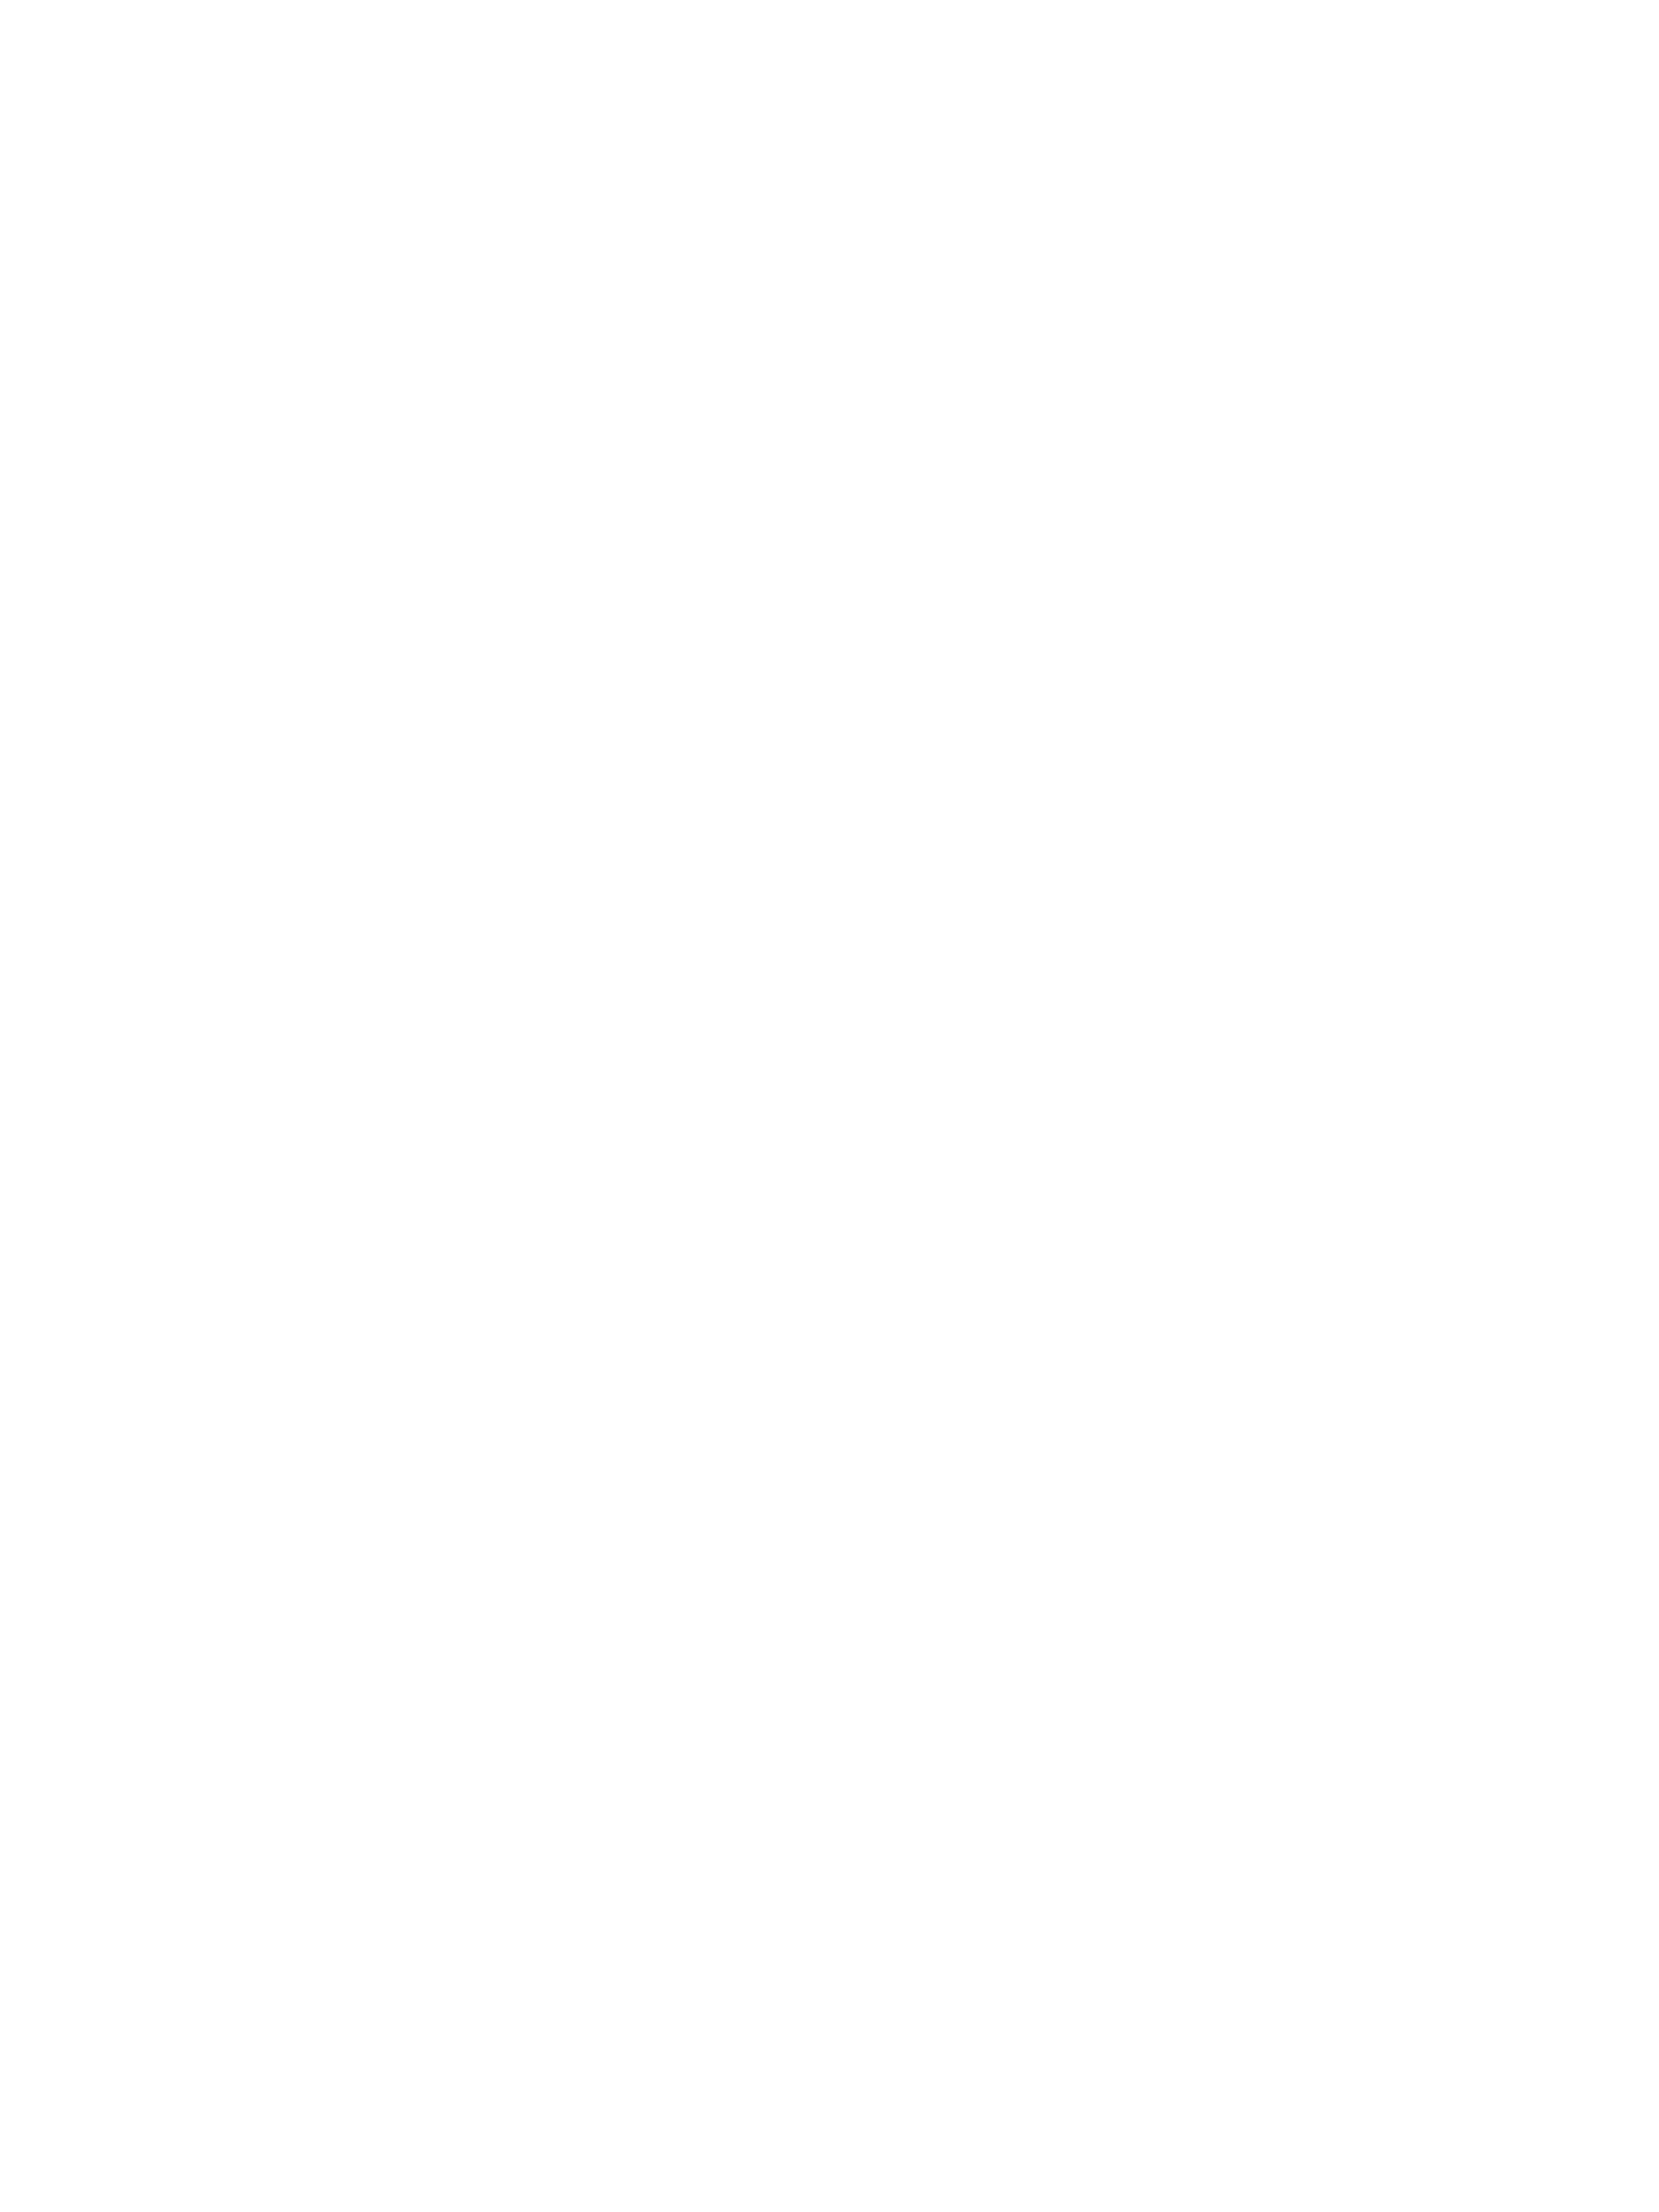 Digitální kresba tužkou